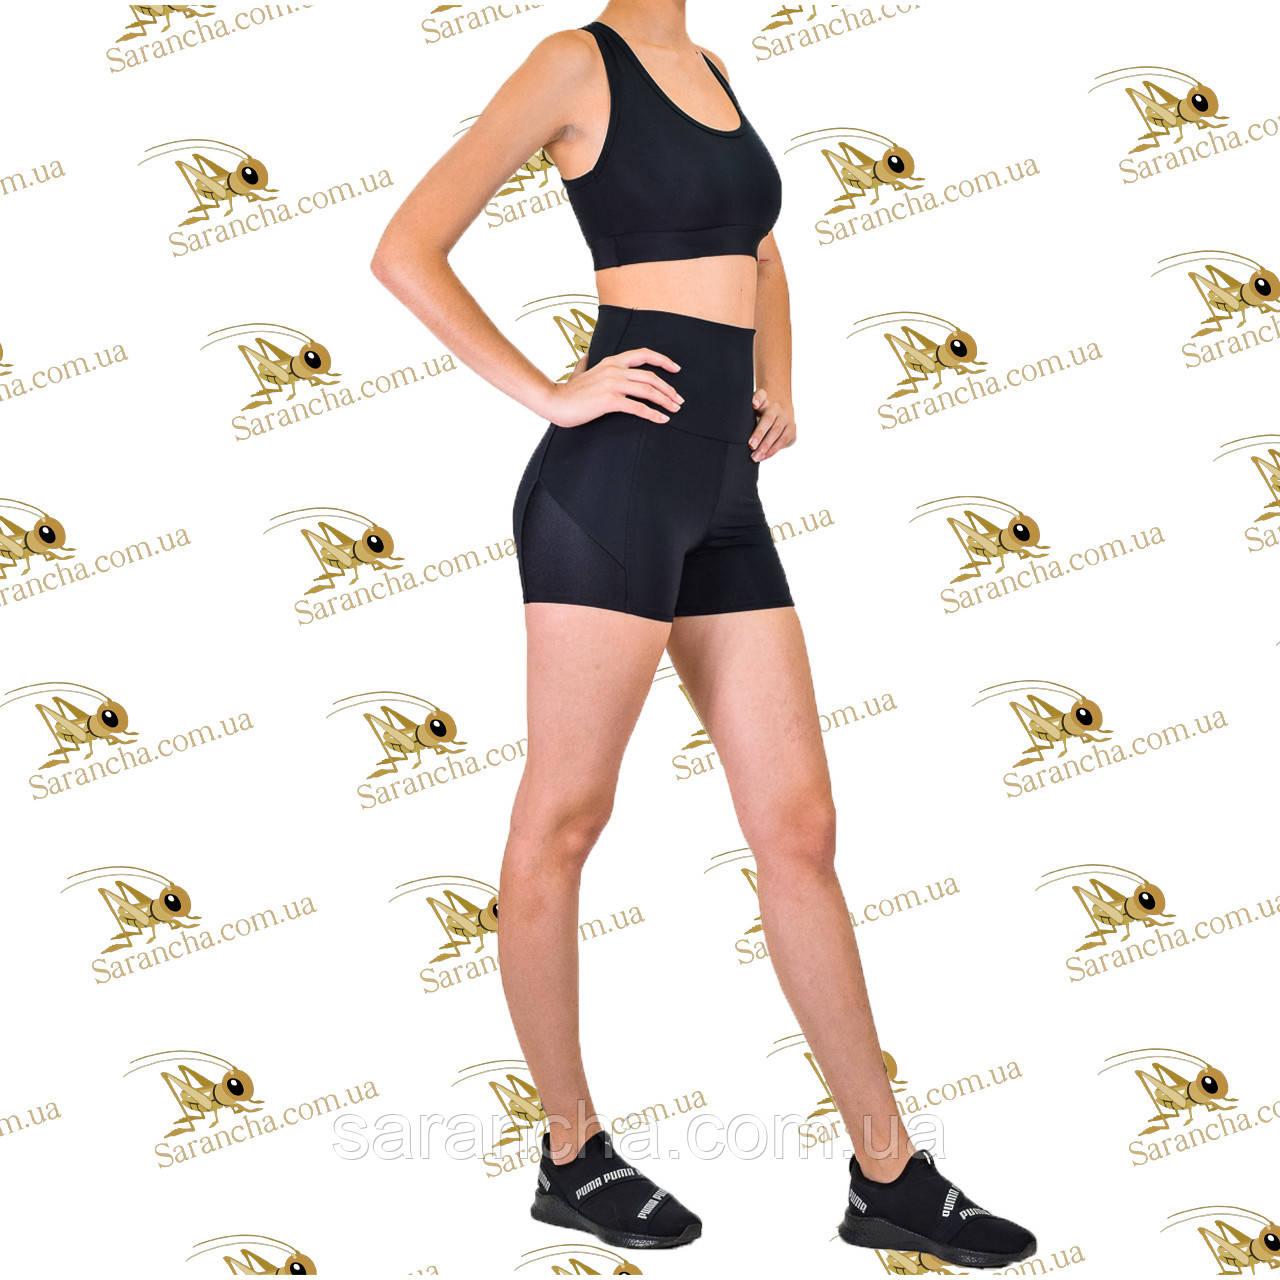 Женский спортивный комплект шорты и топ черного цвета